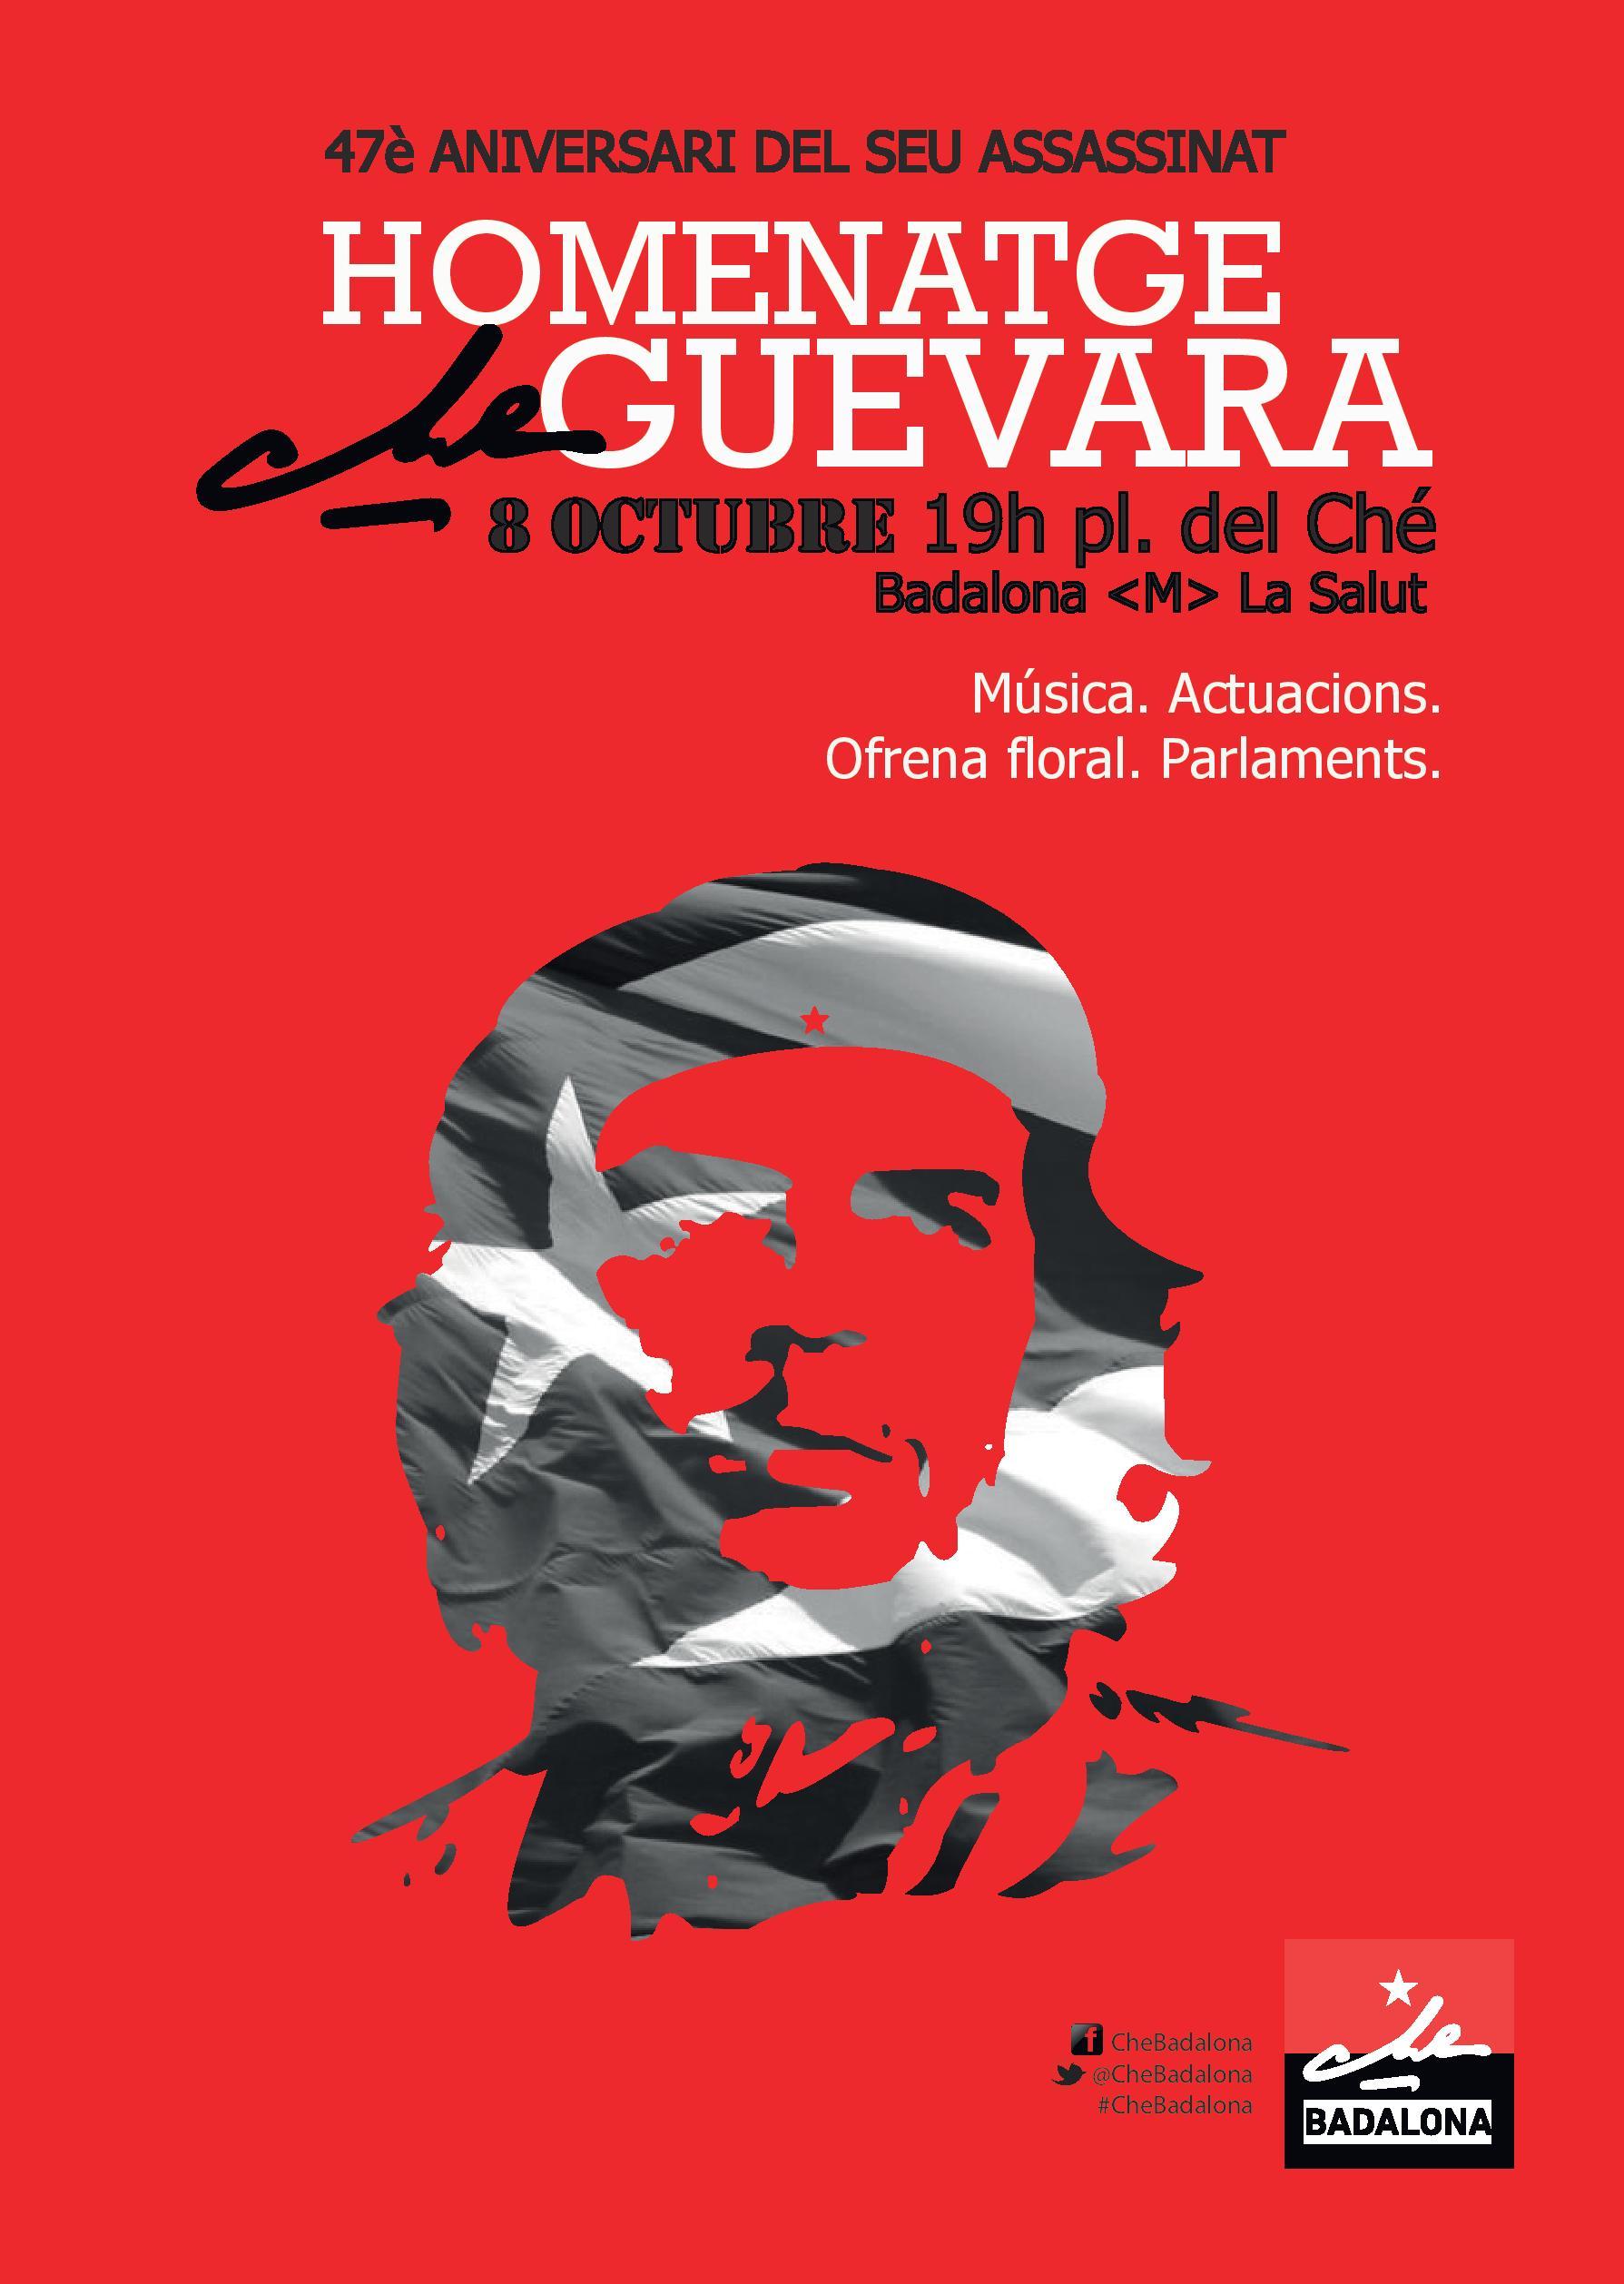 Homenaje a Che Guevara en  Badalona